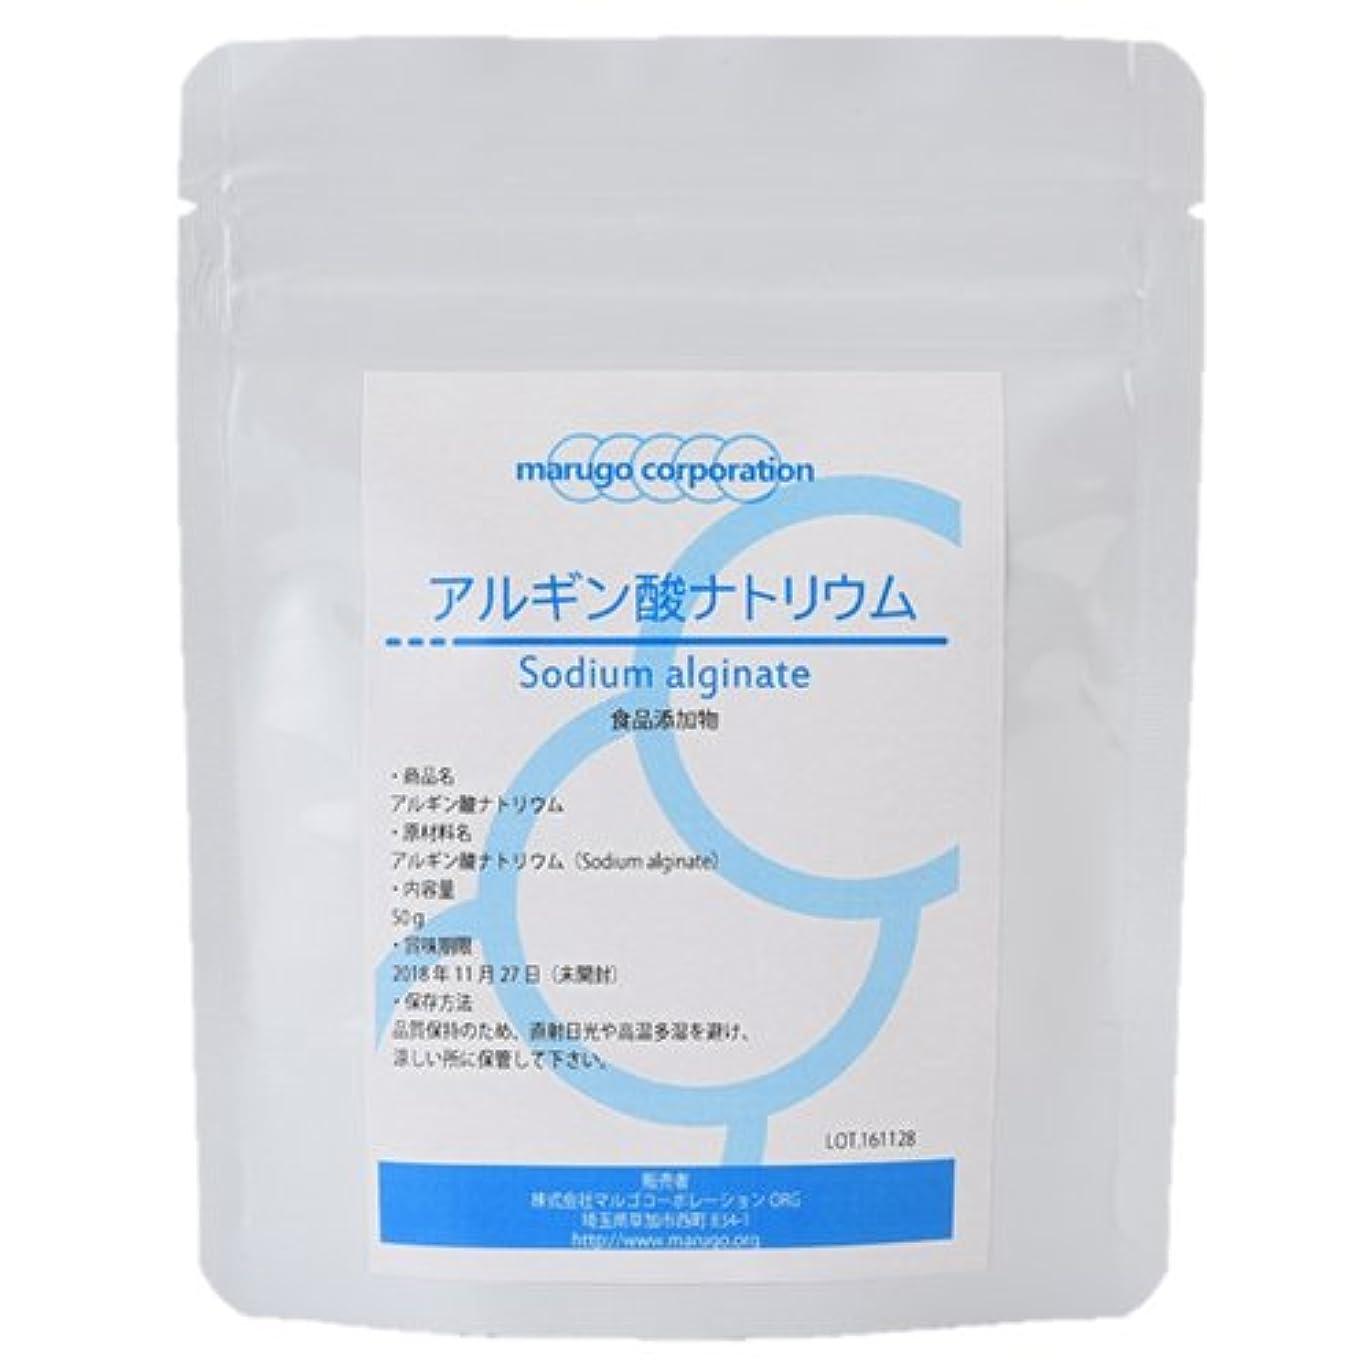 信仰女王供給marugo(マルゴ) アルギン酸ナトリウム 50g 人口イクラ ぷるぷる水 食品添加物グレード(食用)